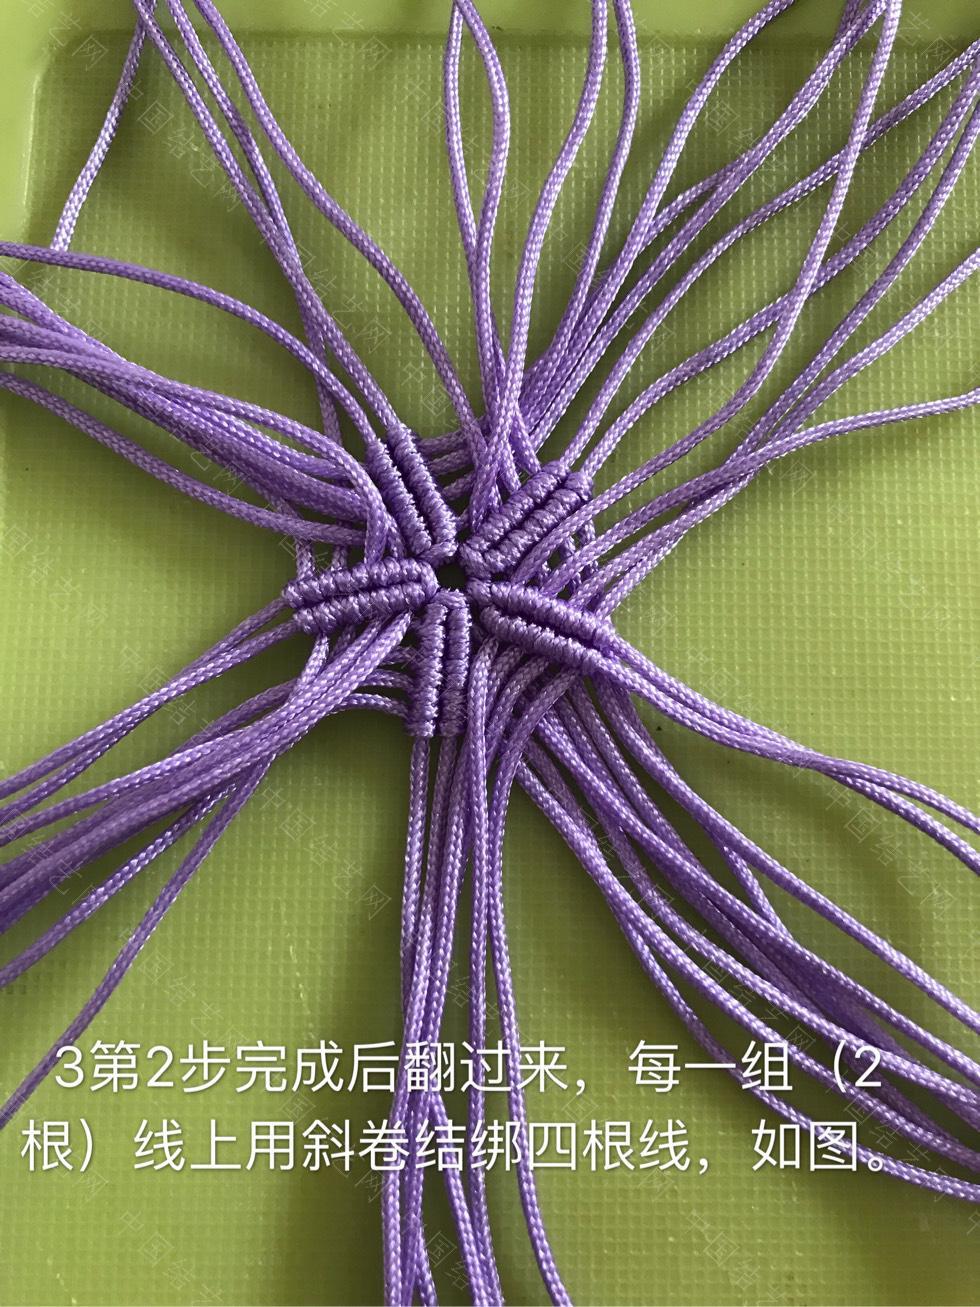 中国结论坛 幸运星教程  图文教程区 143943e2kokhq00k33bmg6